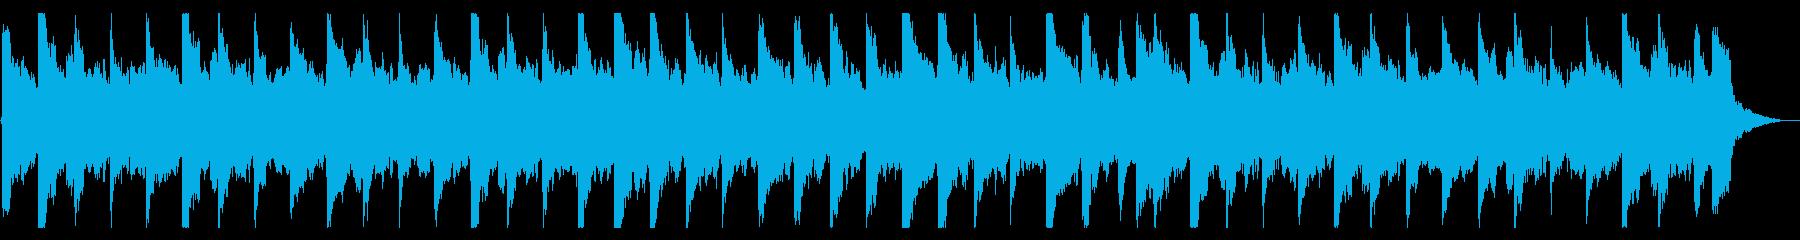 悲しい旋律のピアノとバイオリンの再生済みの波形